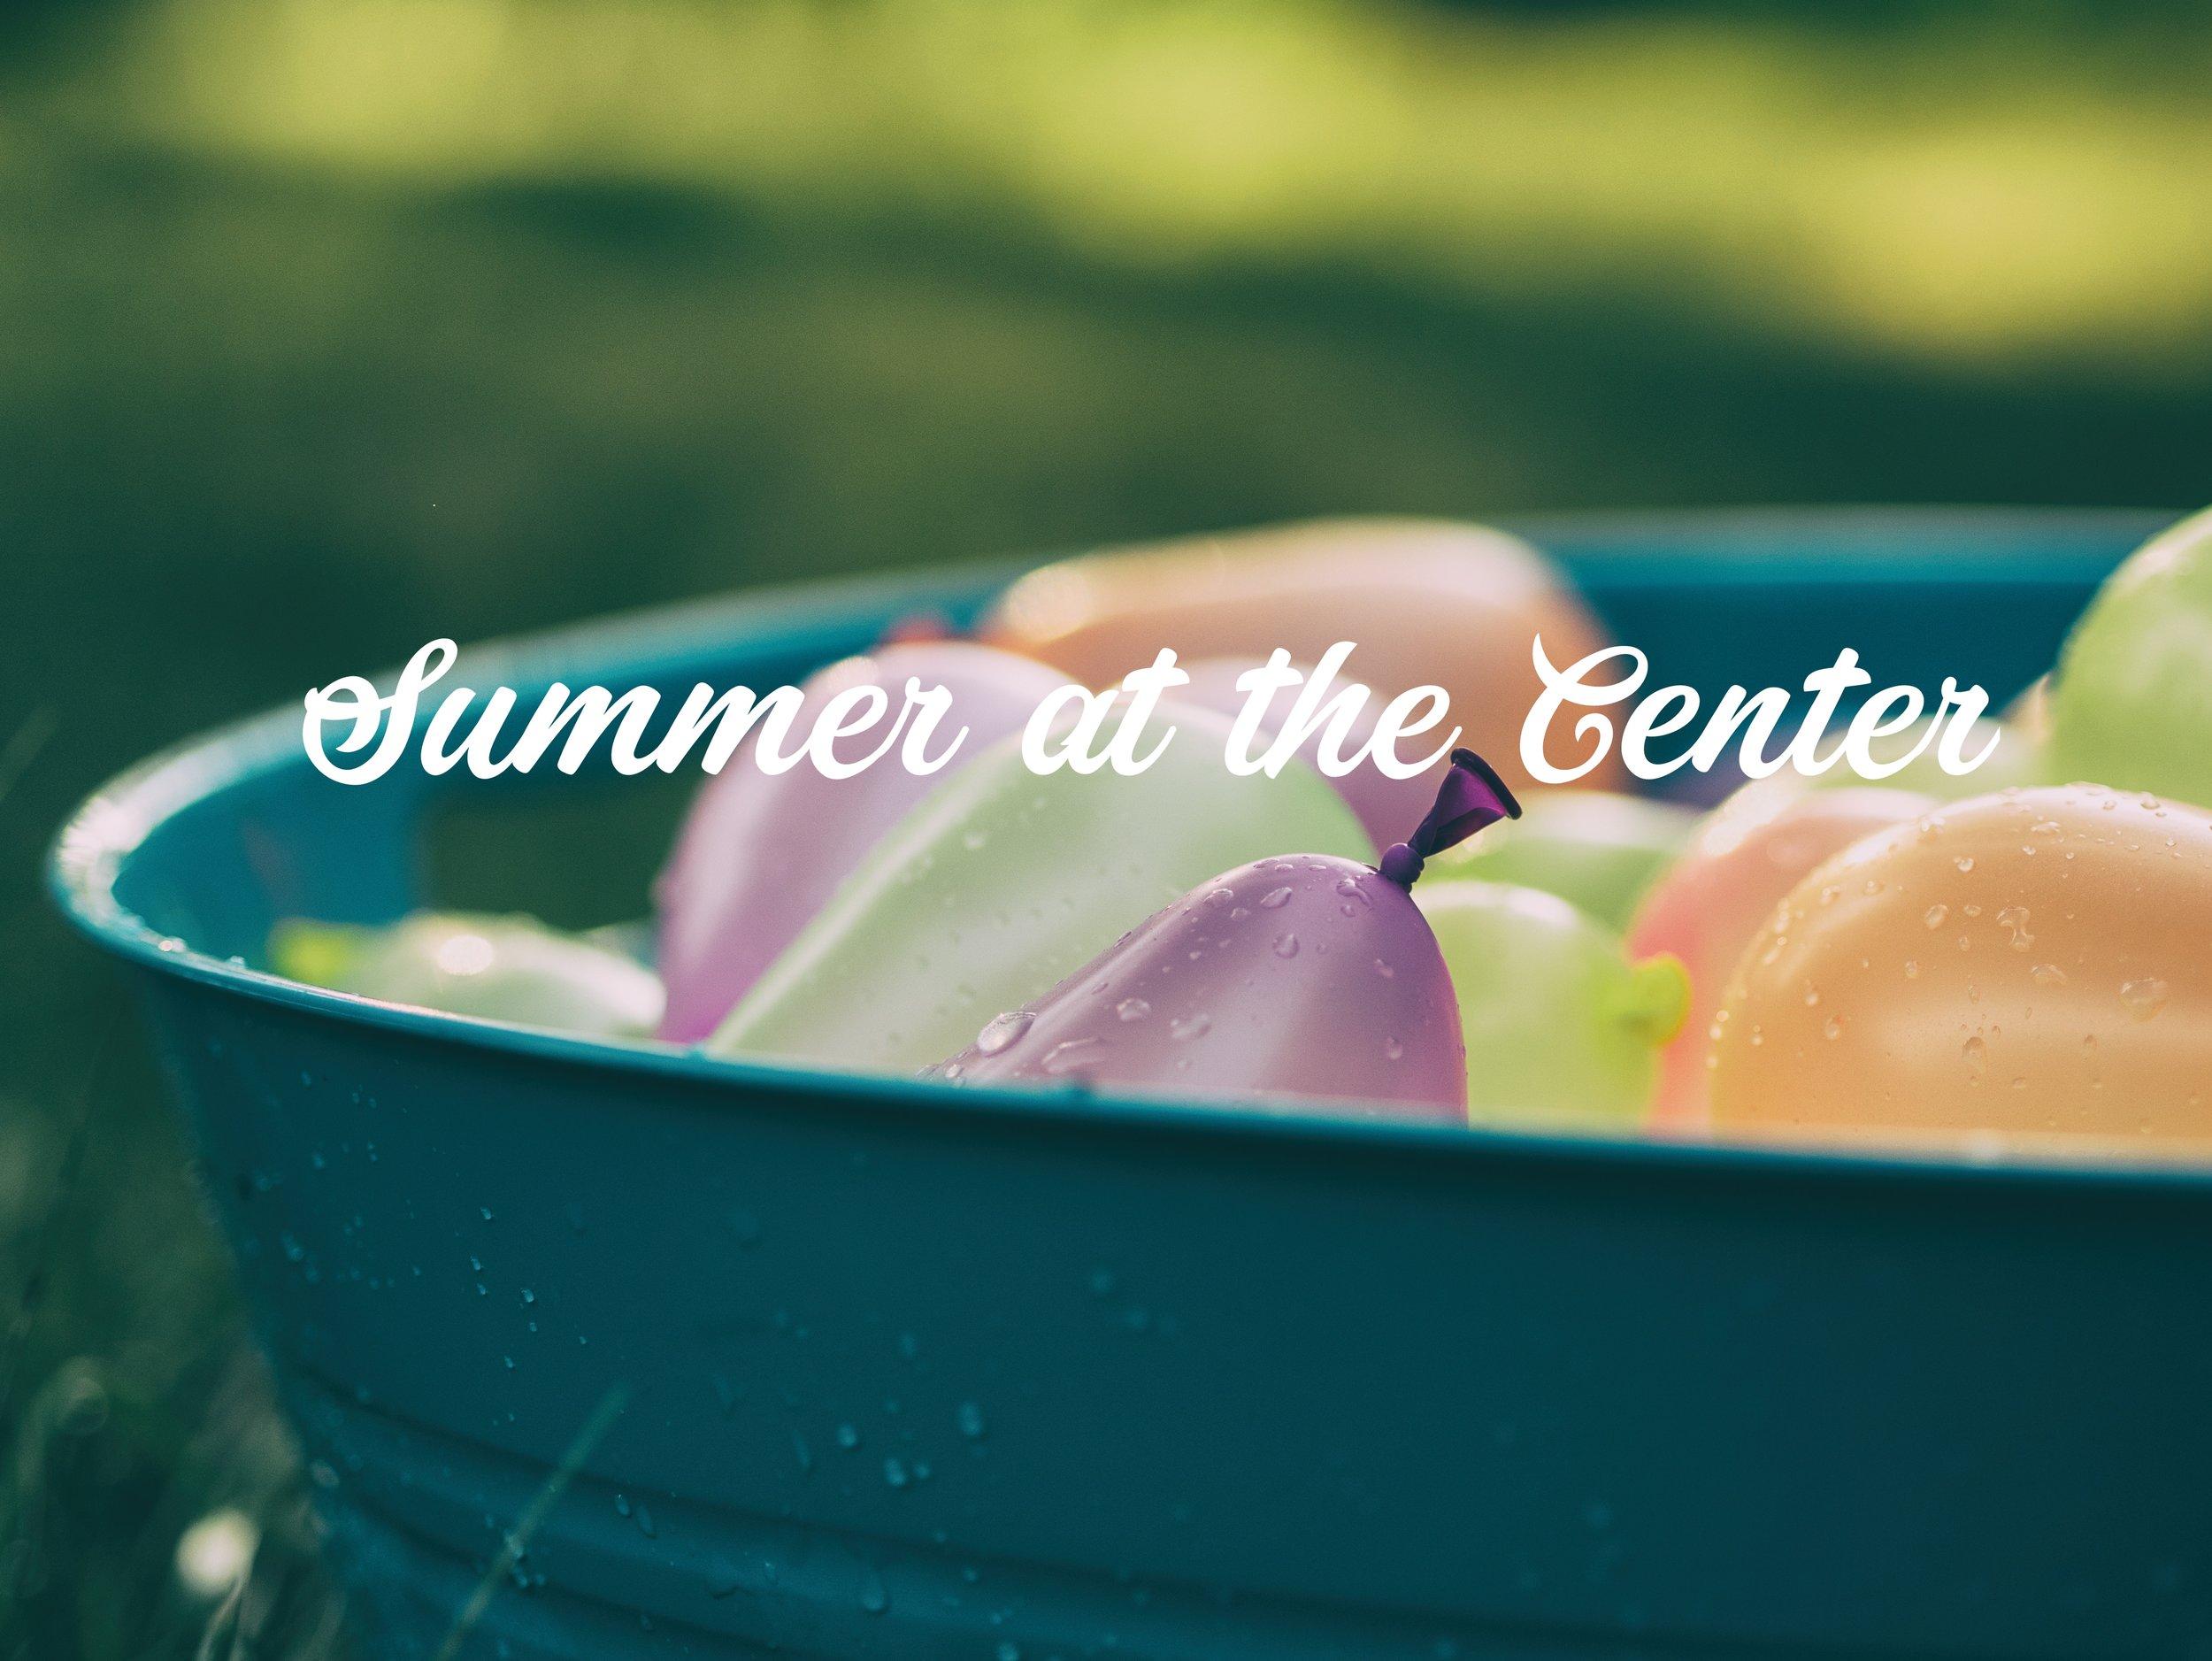 Summer at the Center.jpg